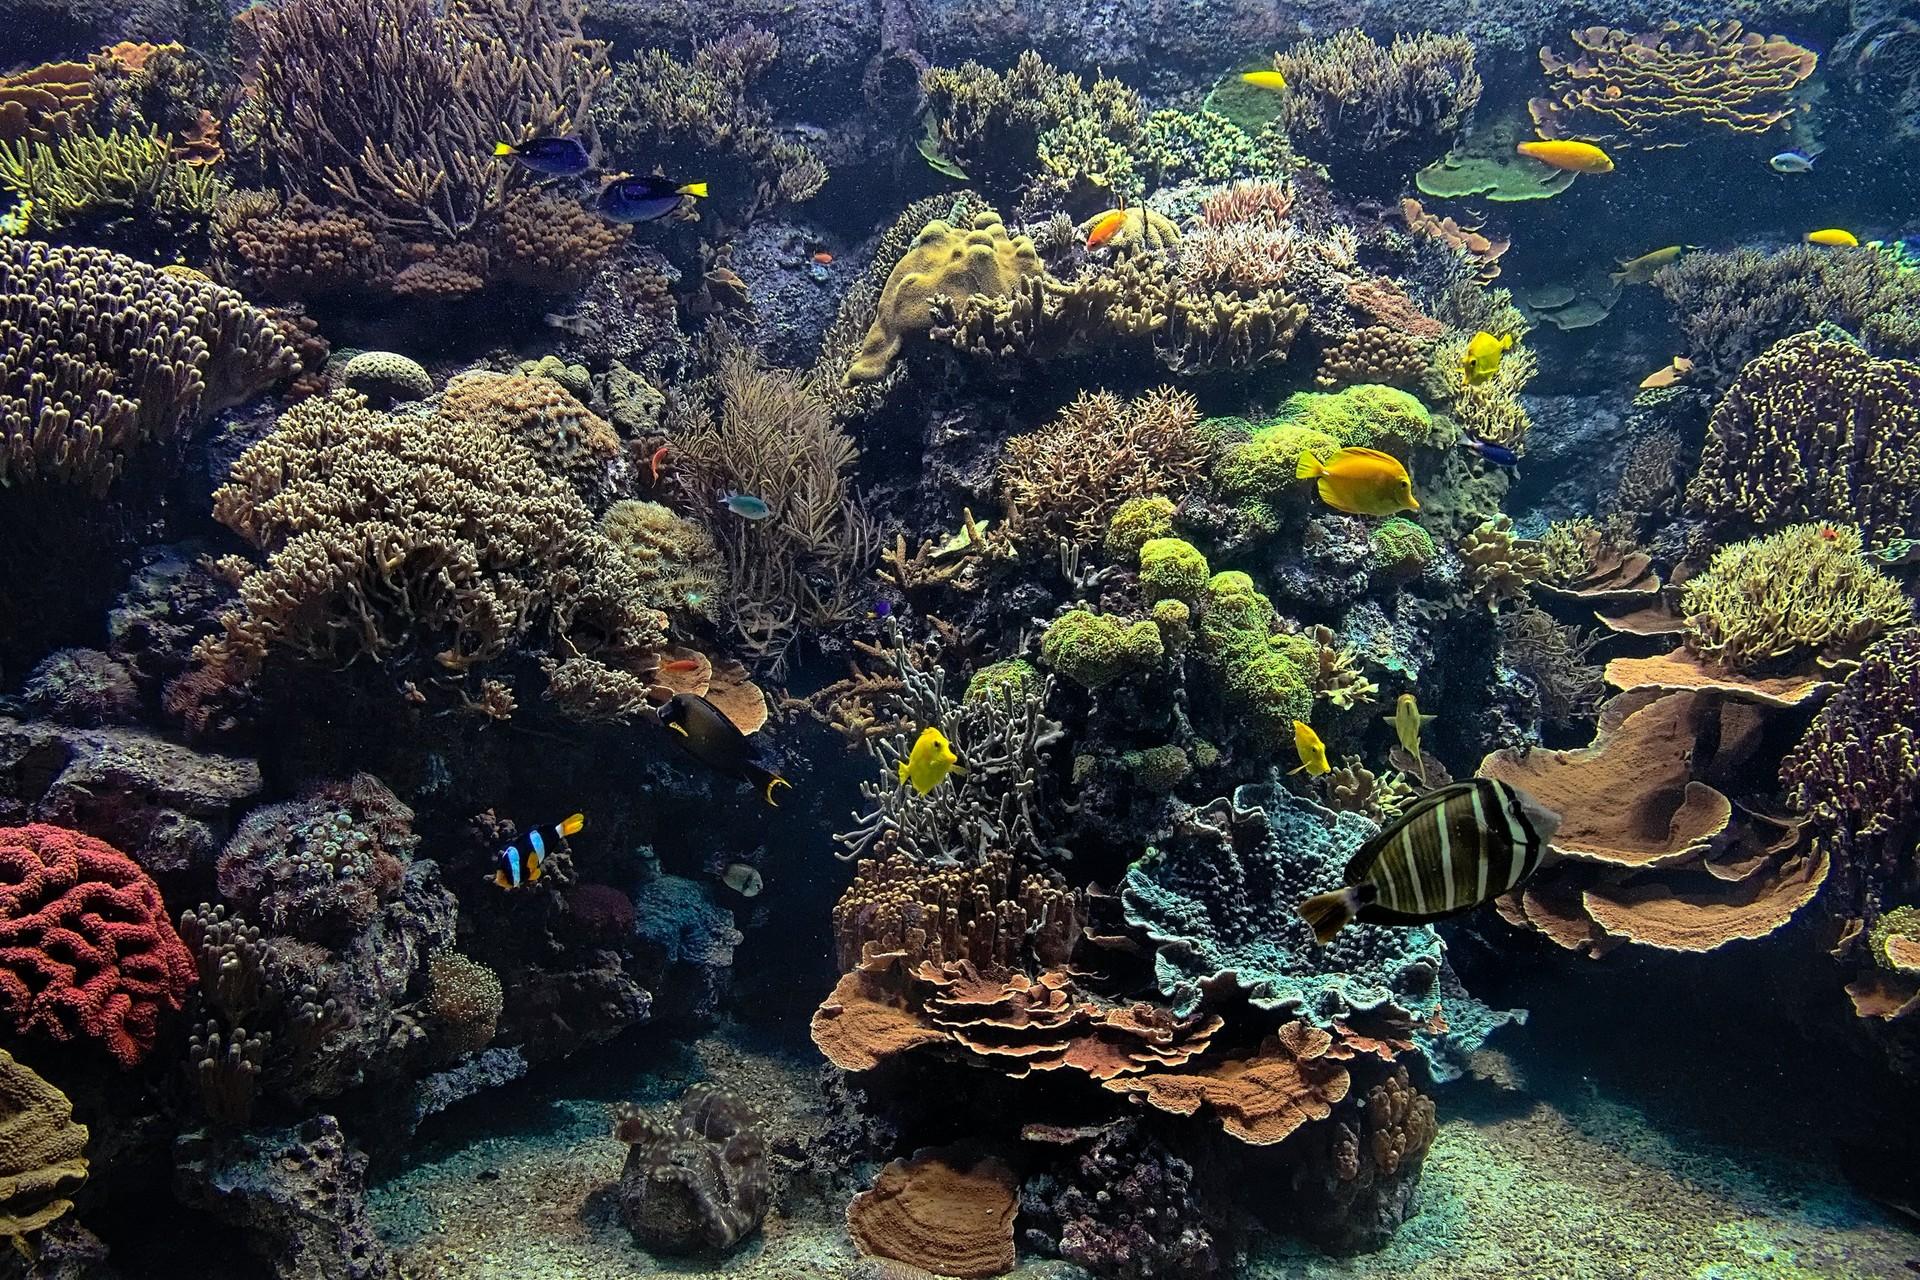 kleines aquarium im tropenaquarium secret hamburg fotos aus hamburg. Black Bedroom Furniture Sets. Home Design Ideas